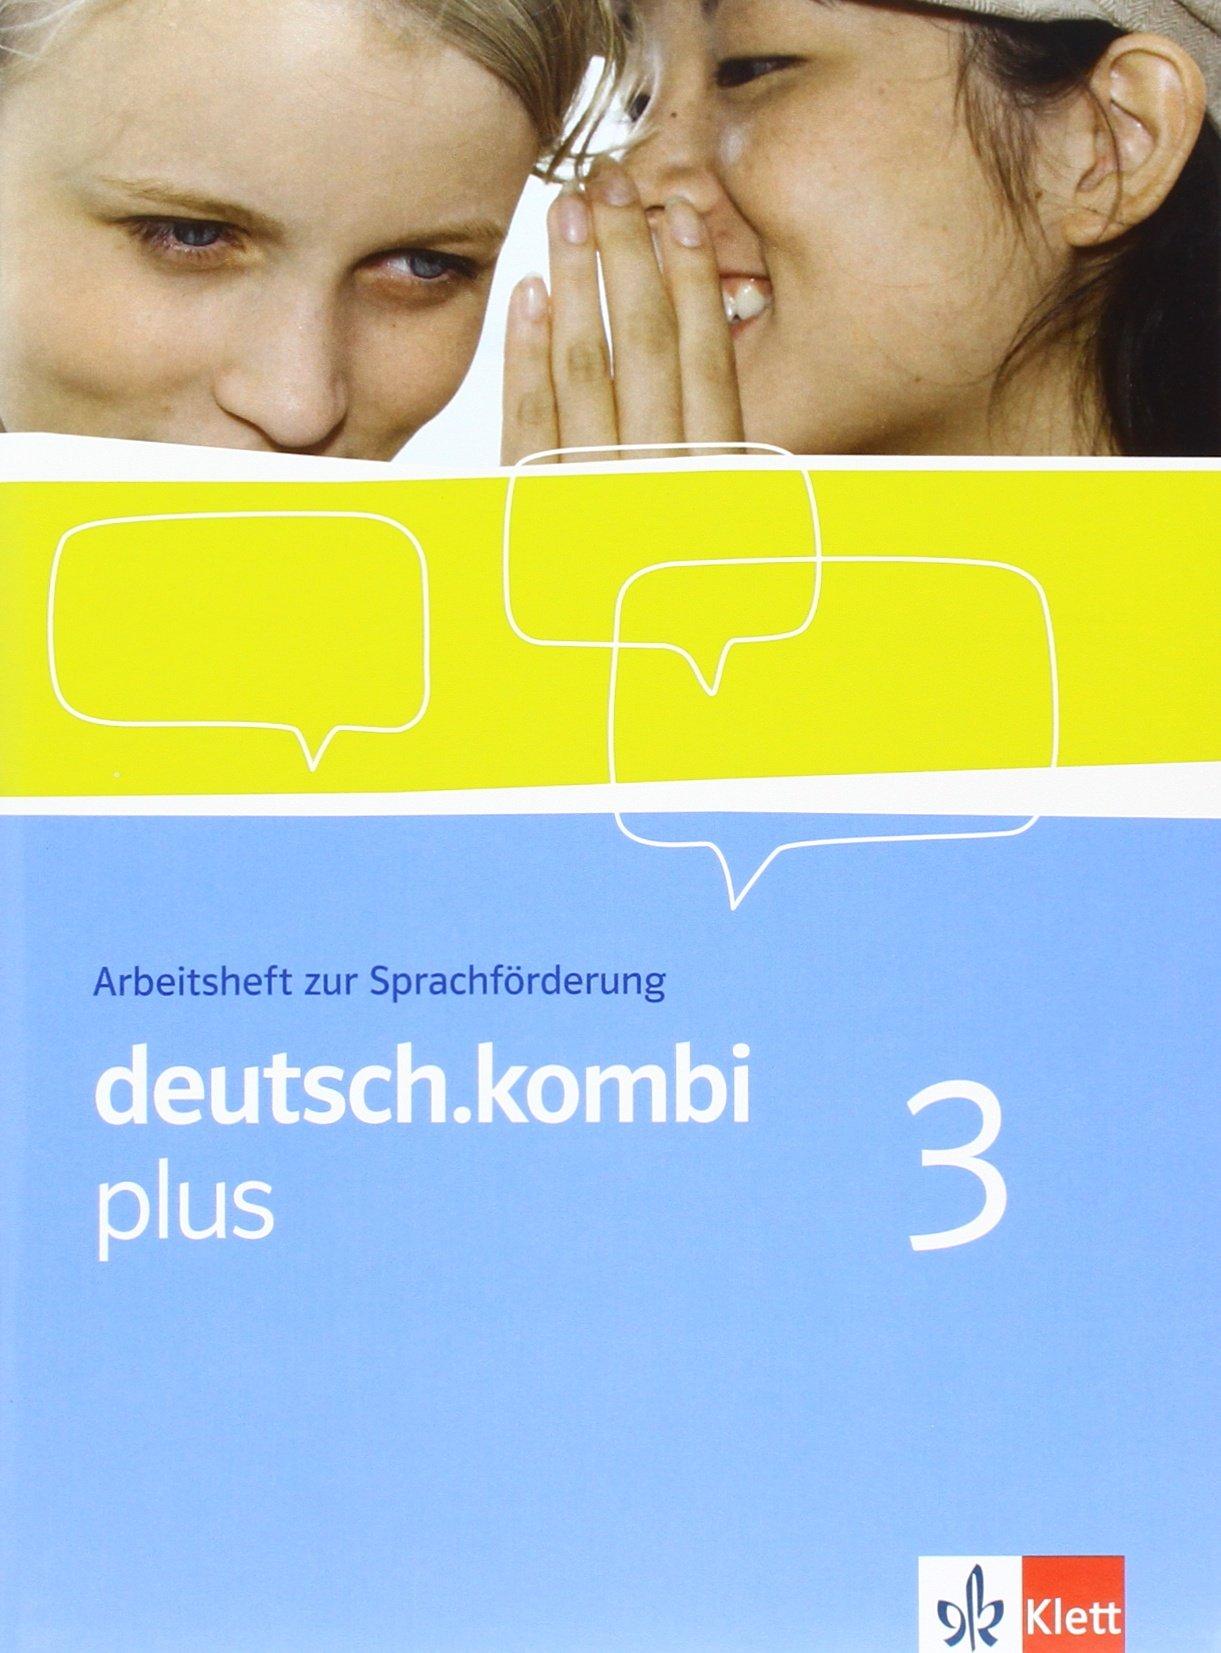 deutsch.kombi plus / Sprach- und Lesebuch. Allgemeine Ausgabe für differenzierende Schulen: deutsch.kombi plus / Arbeitsheft zur Sprachförderung 7. ... Ausgabe für differenzierende Schulen